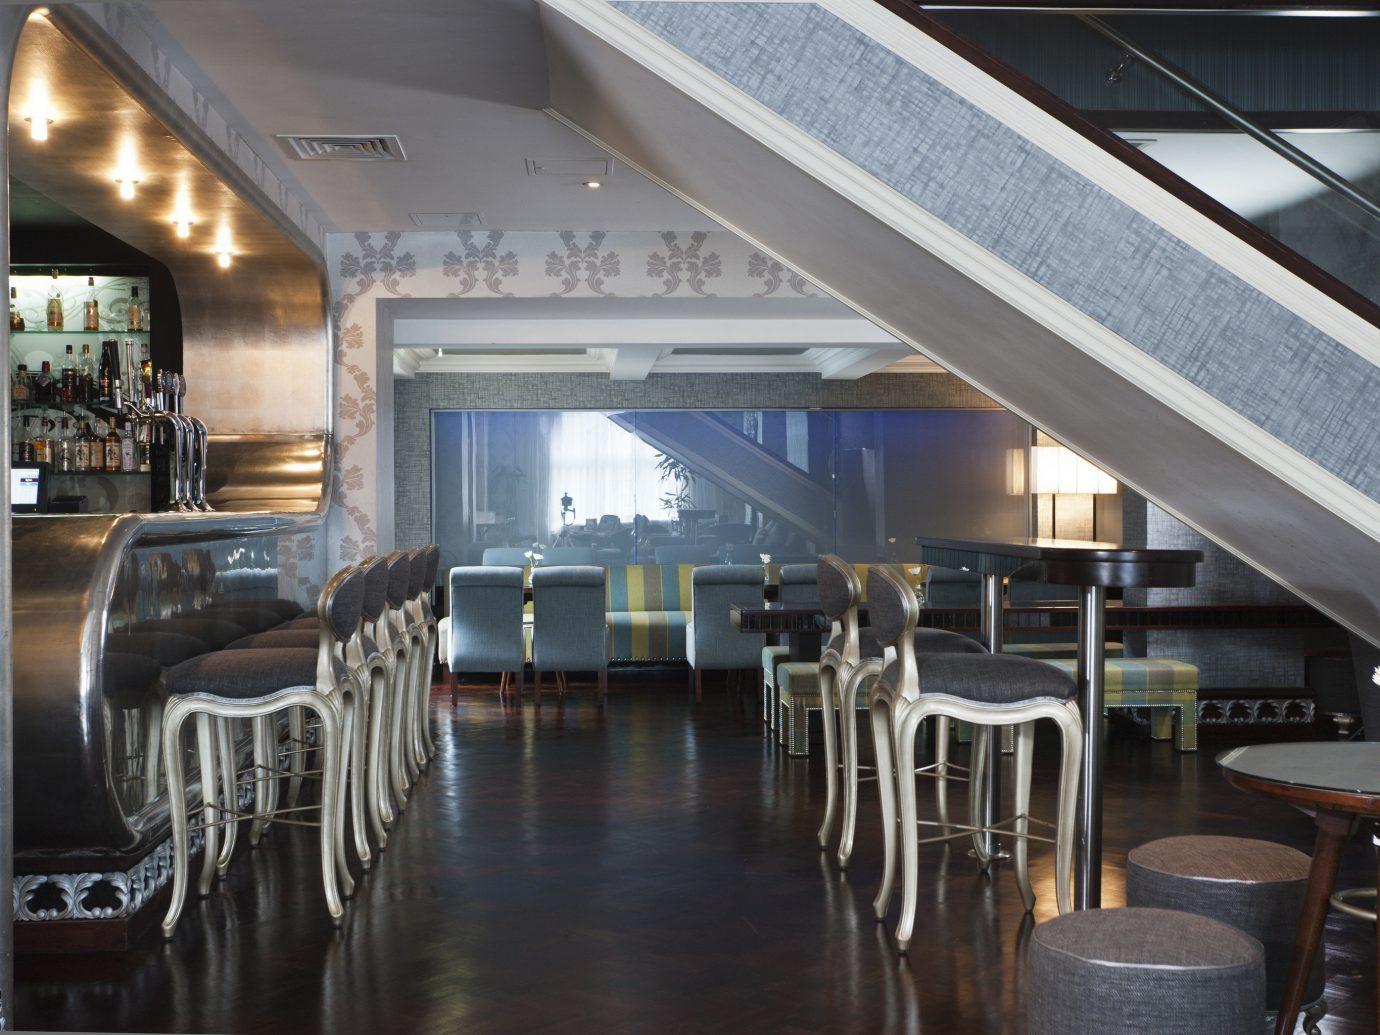 Dublin Hotels Ireland indoor floor restaurant room ceiling interior design Dining furniture dining room